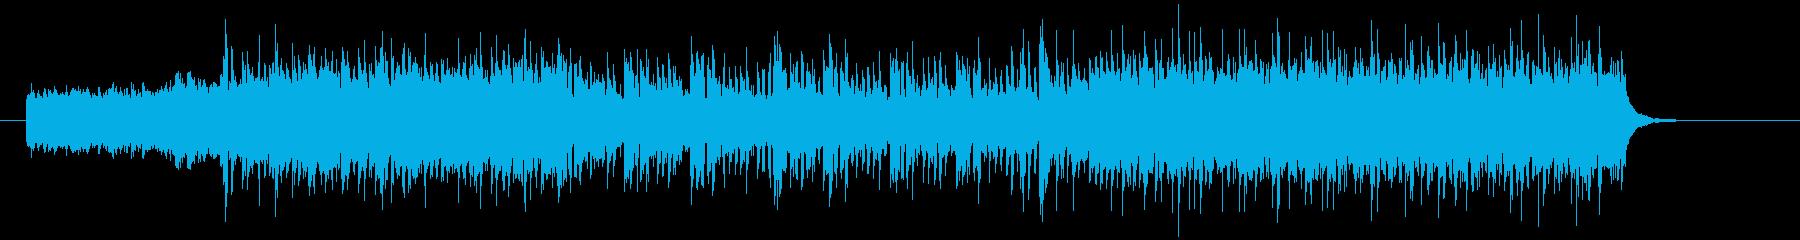 デジタルでハードなロックの再生済みの波形